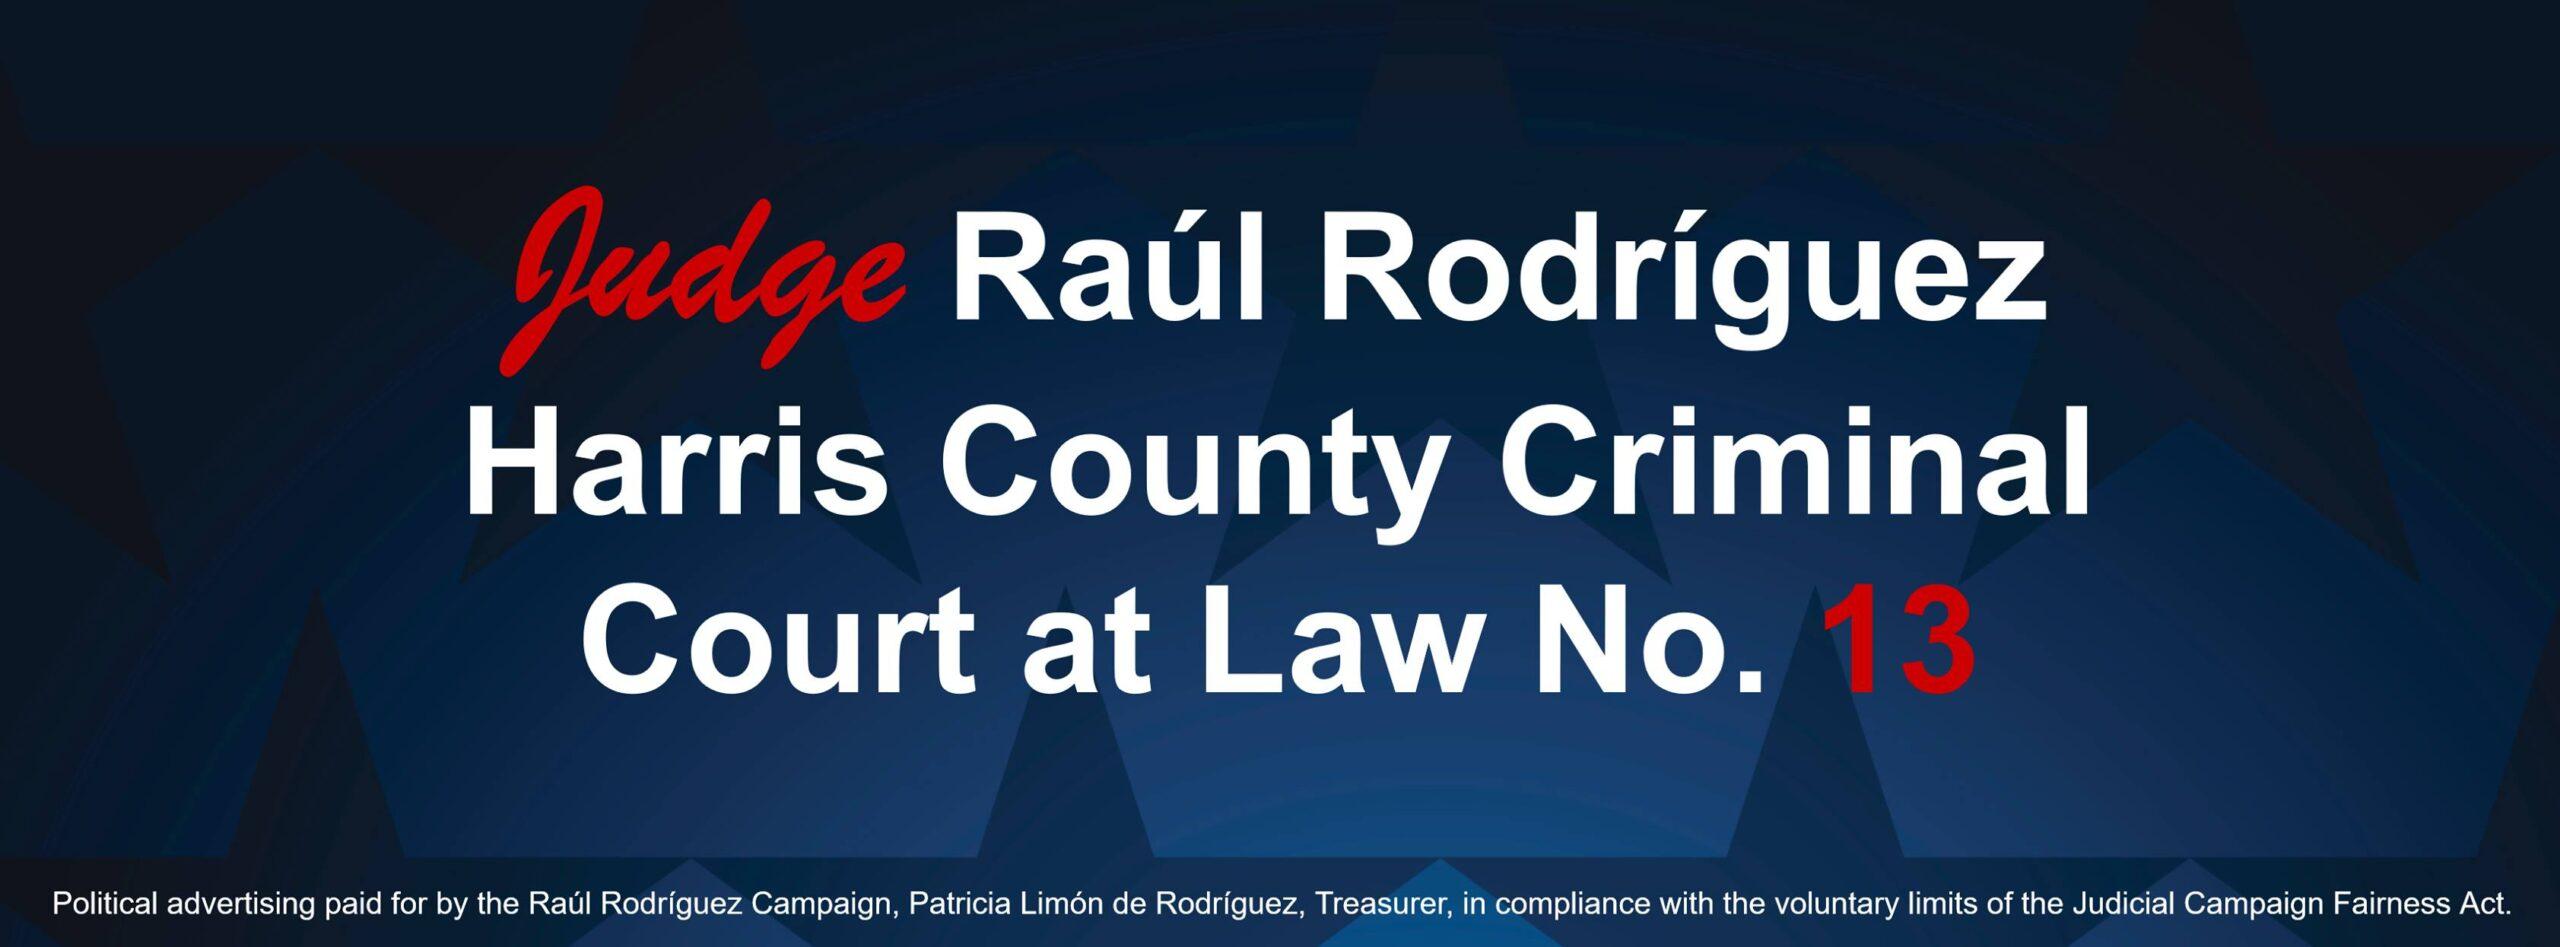 Judge Raúl Rodríguez